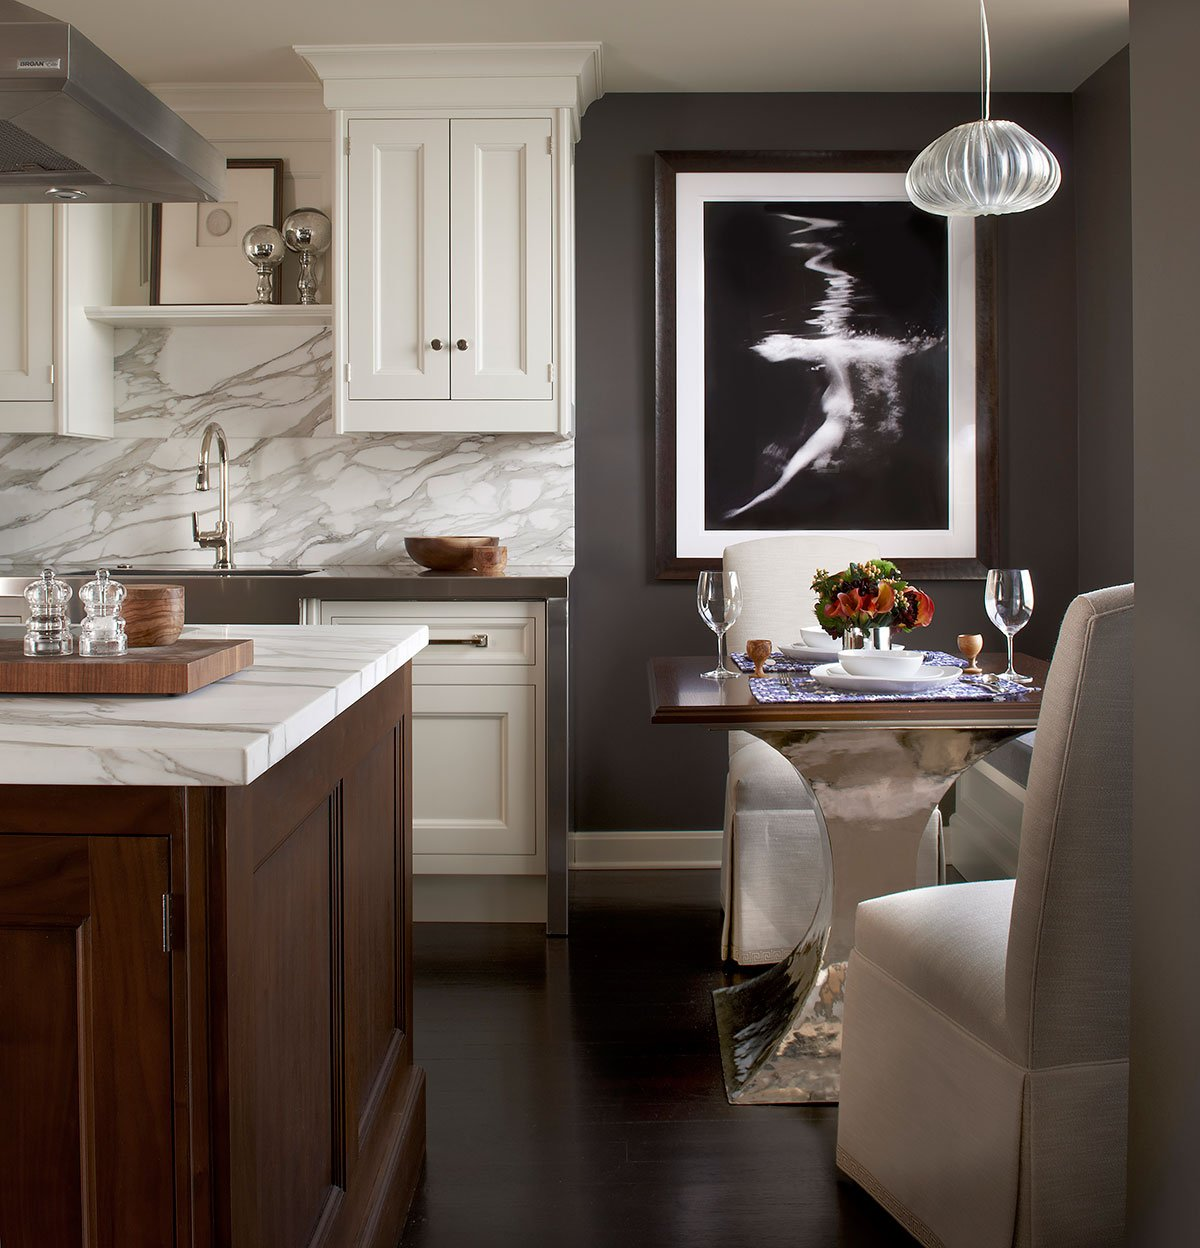 Frank Ponterio kitchen in brown